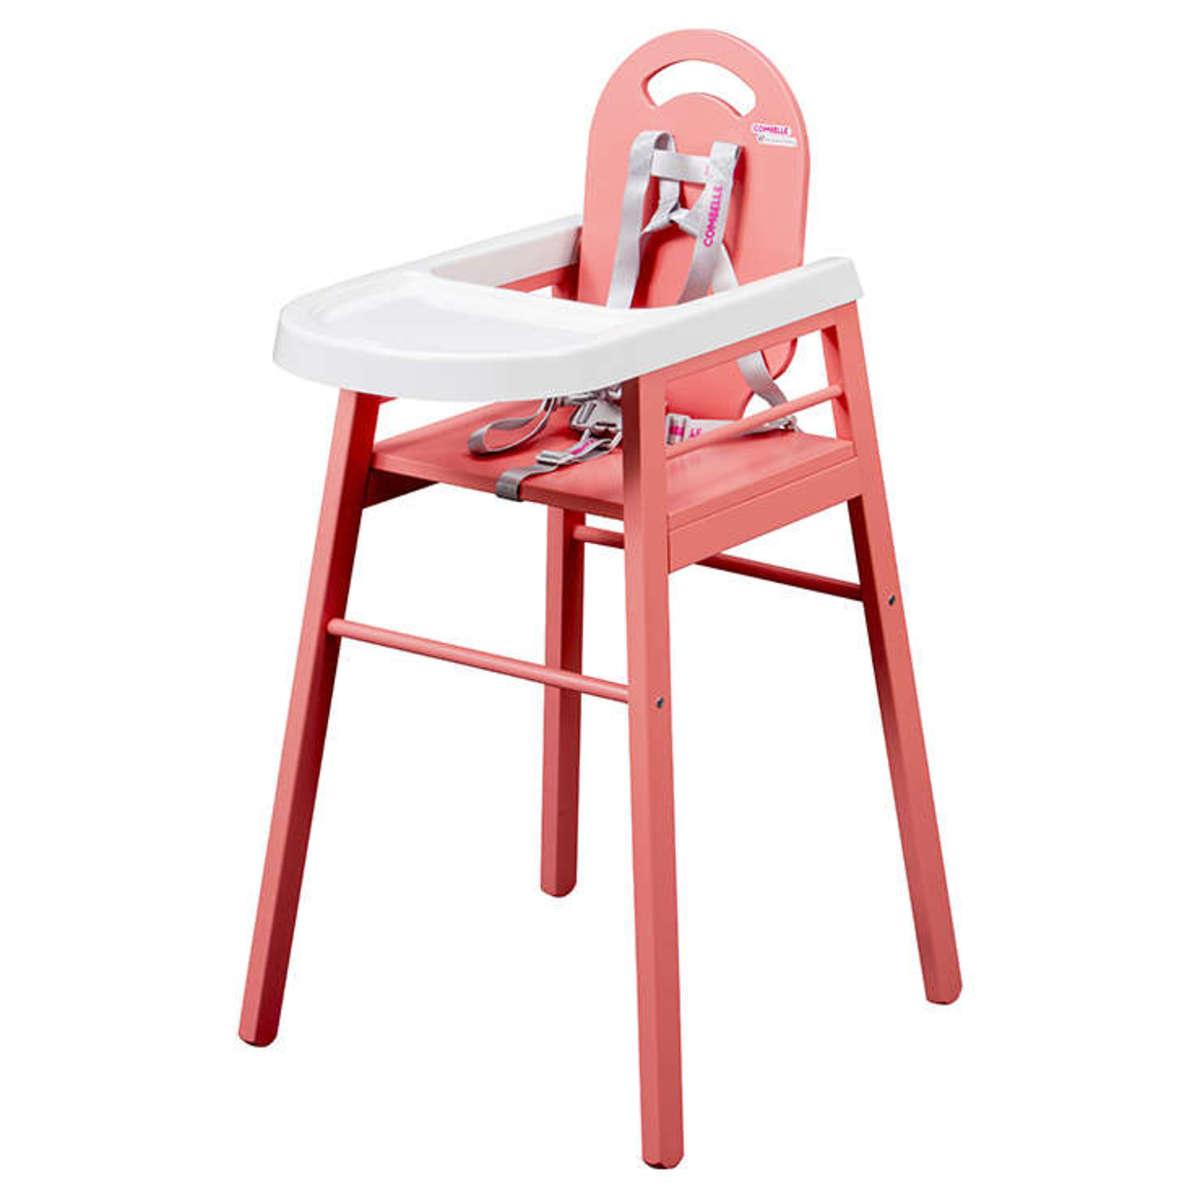 Chaise haute Chaise Haute Fixe Lili - Rose Chaise Haute Fixe Lili - Rose